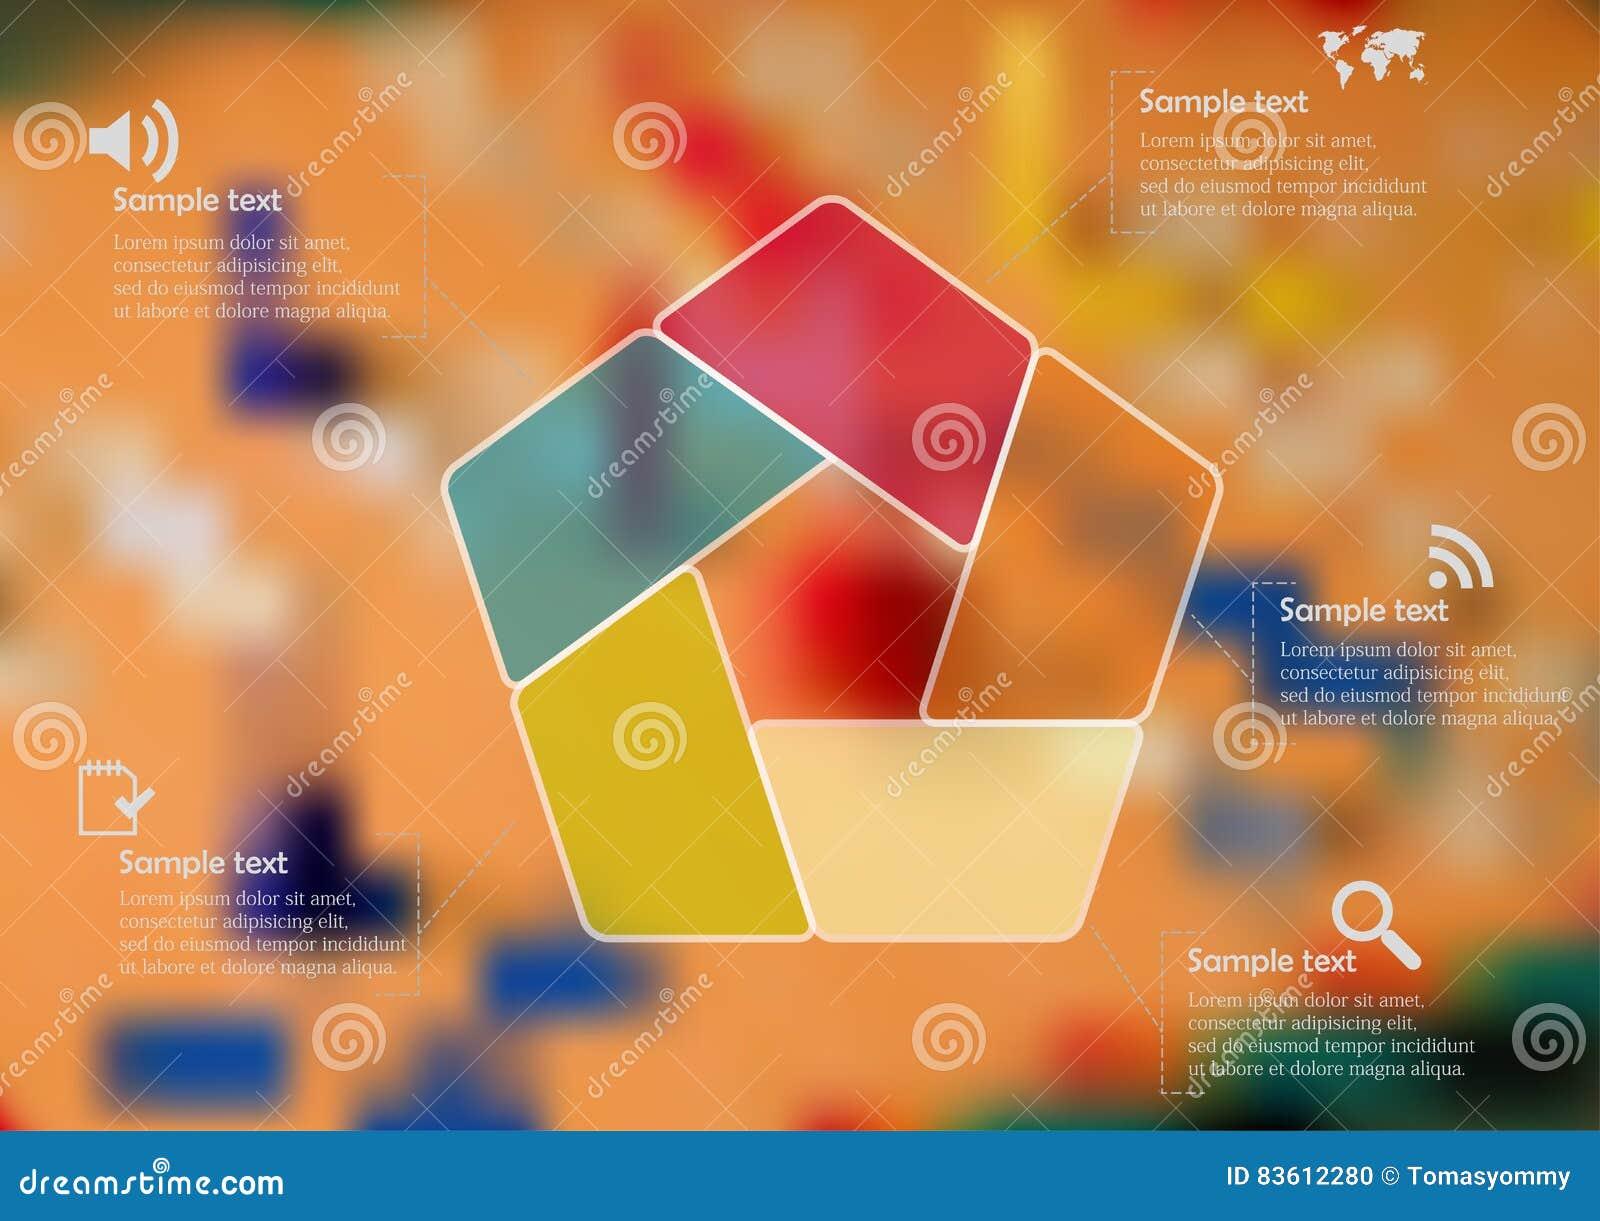 Molde infographic da ilustração com o pentagon da cor dividido a cinco porções